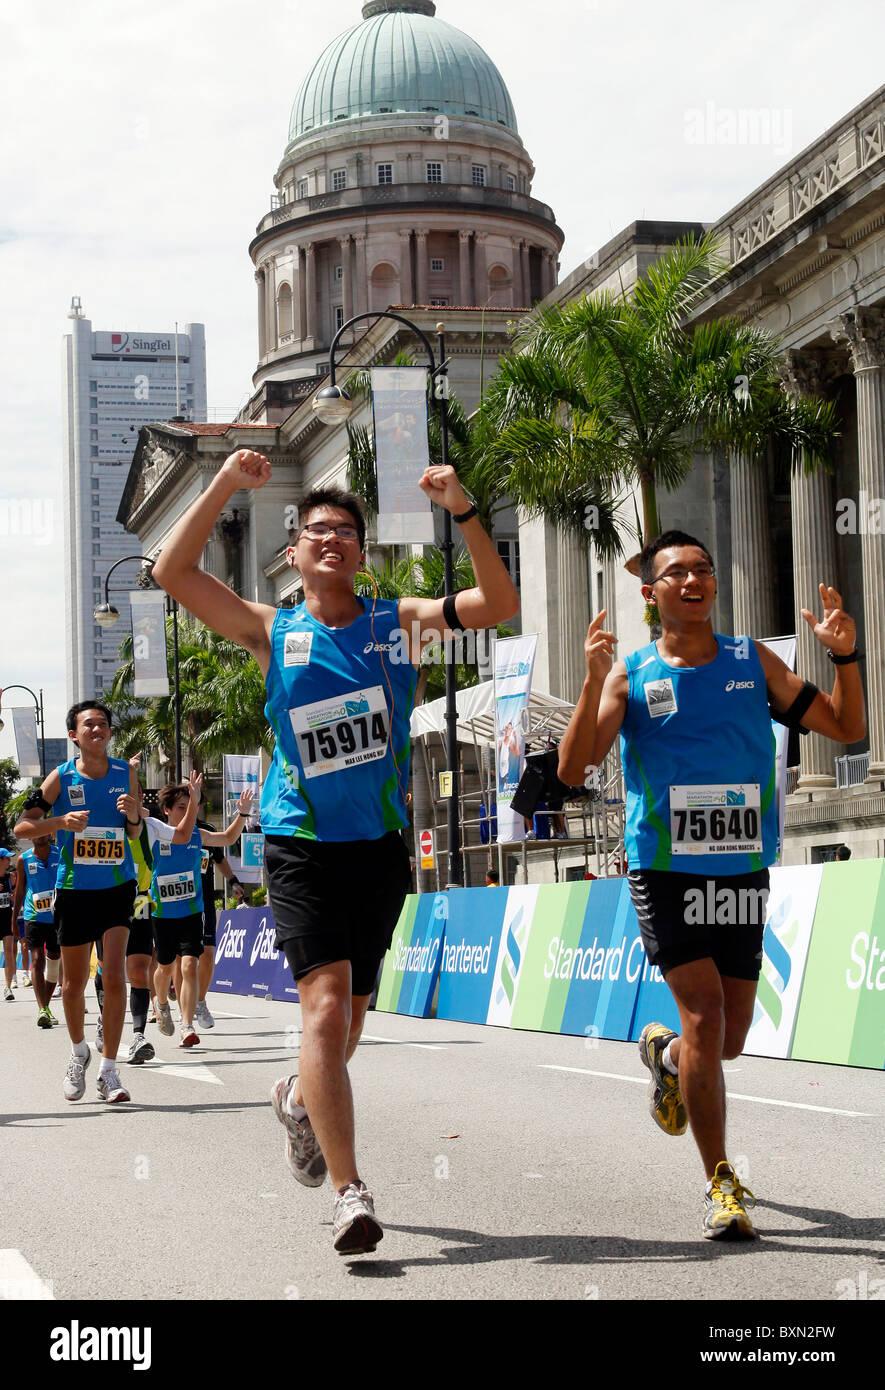 Guide di scorrimento a Singapore Marathon 2010, la Corte suprema e il Municipio in background. Immagini Stock